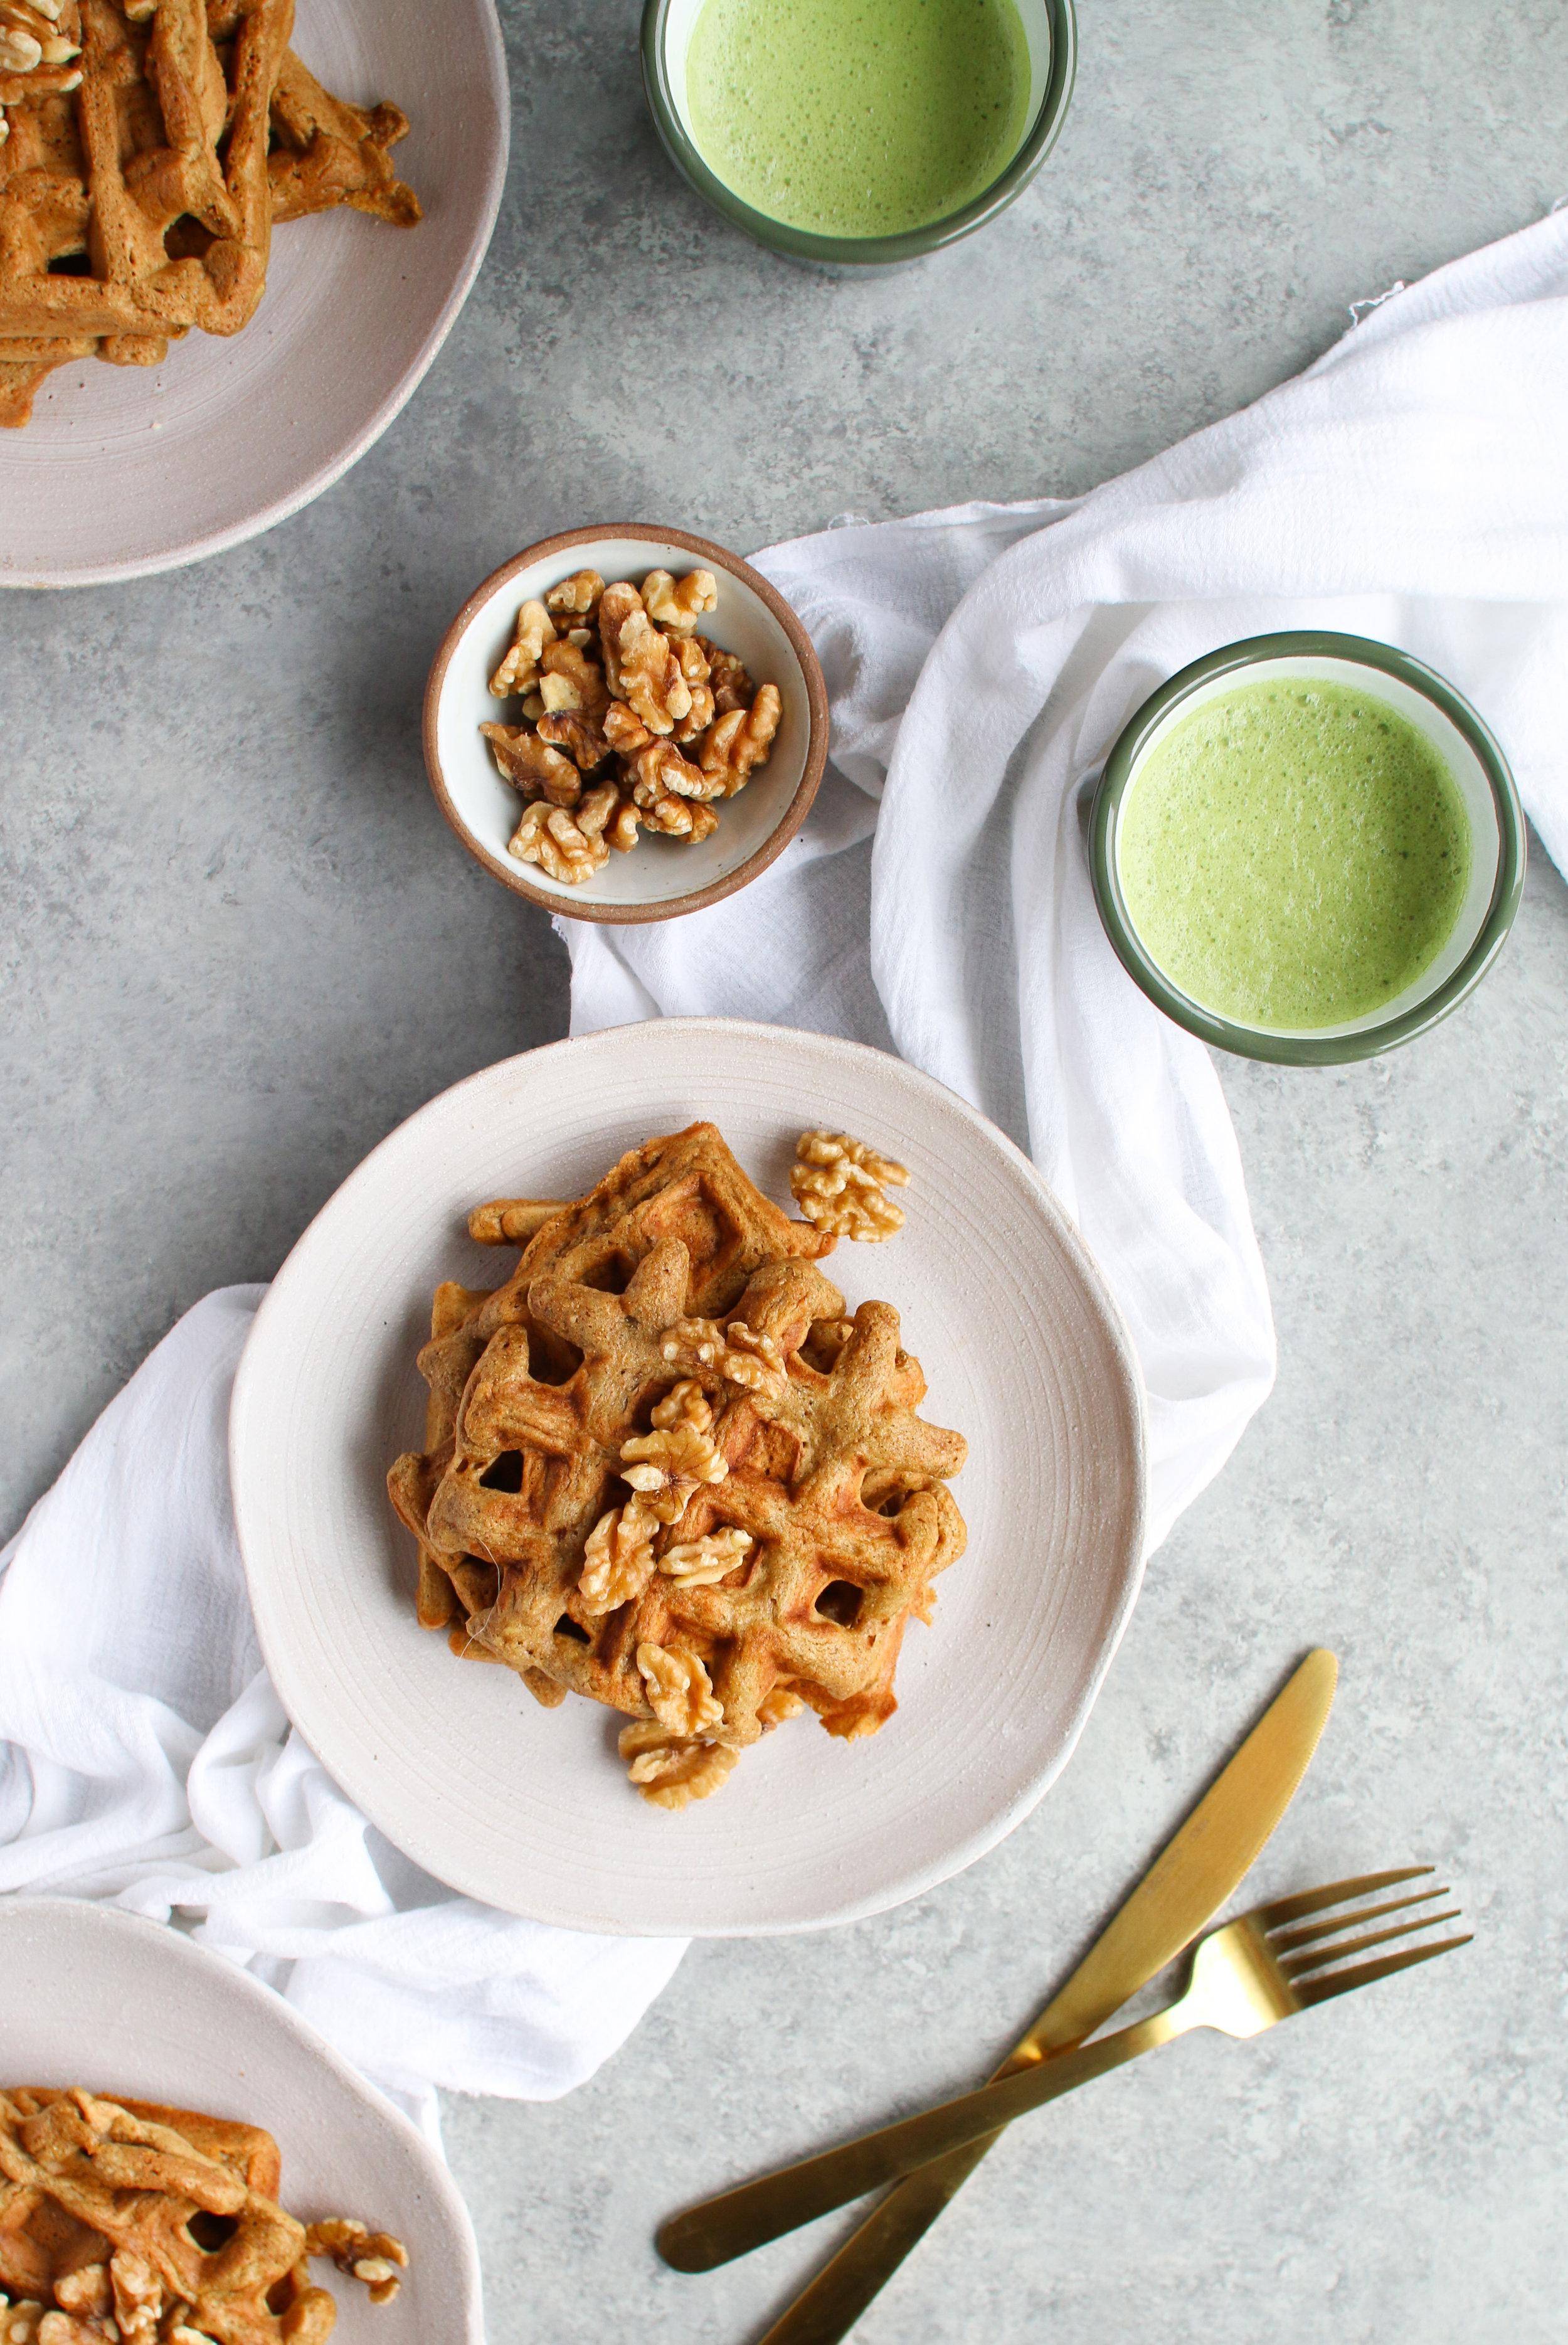 Easy Plant Based Breakfast Easy Vegan Recipes